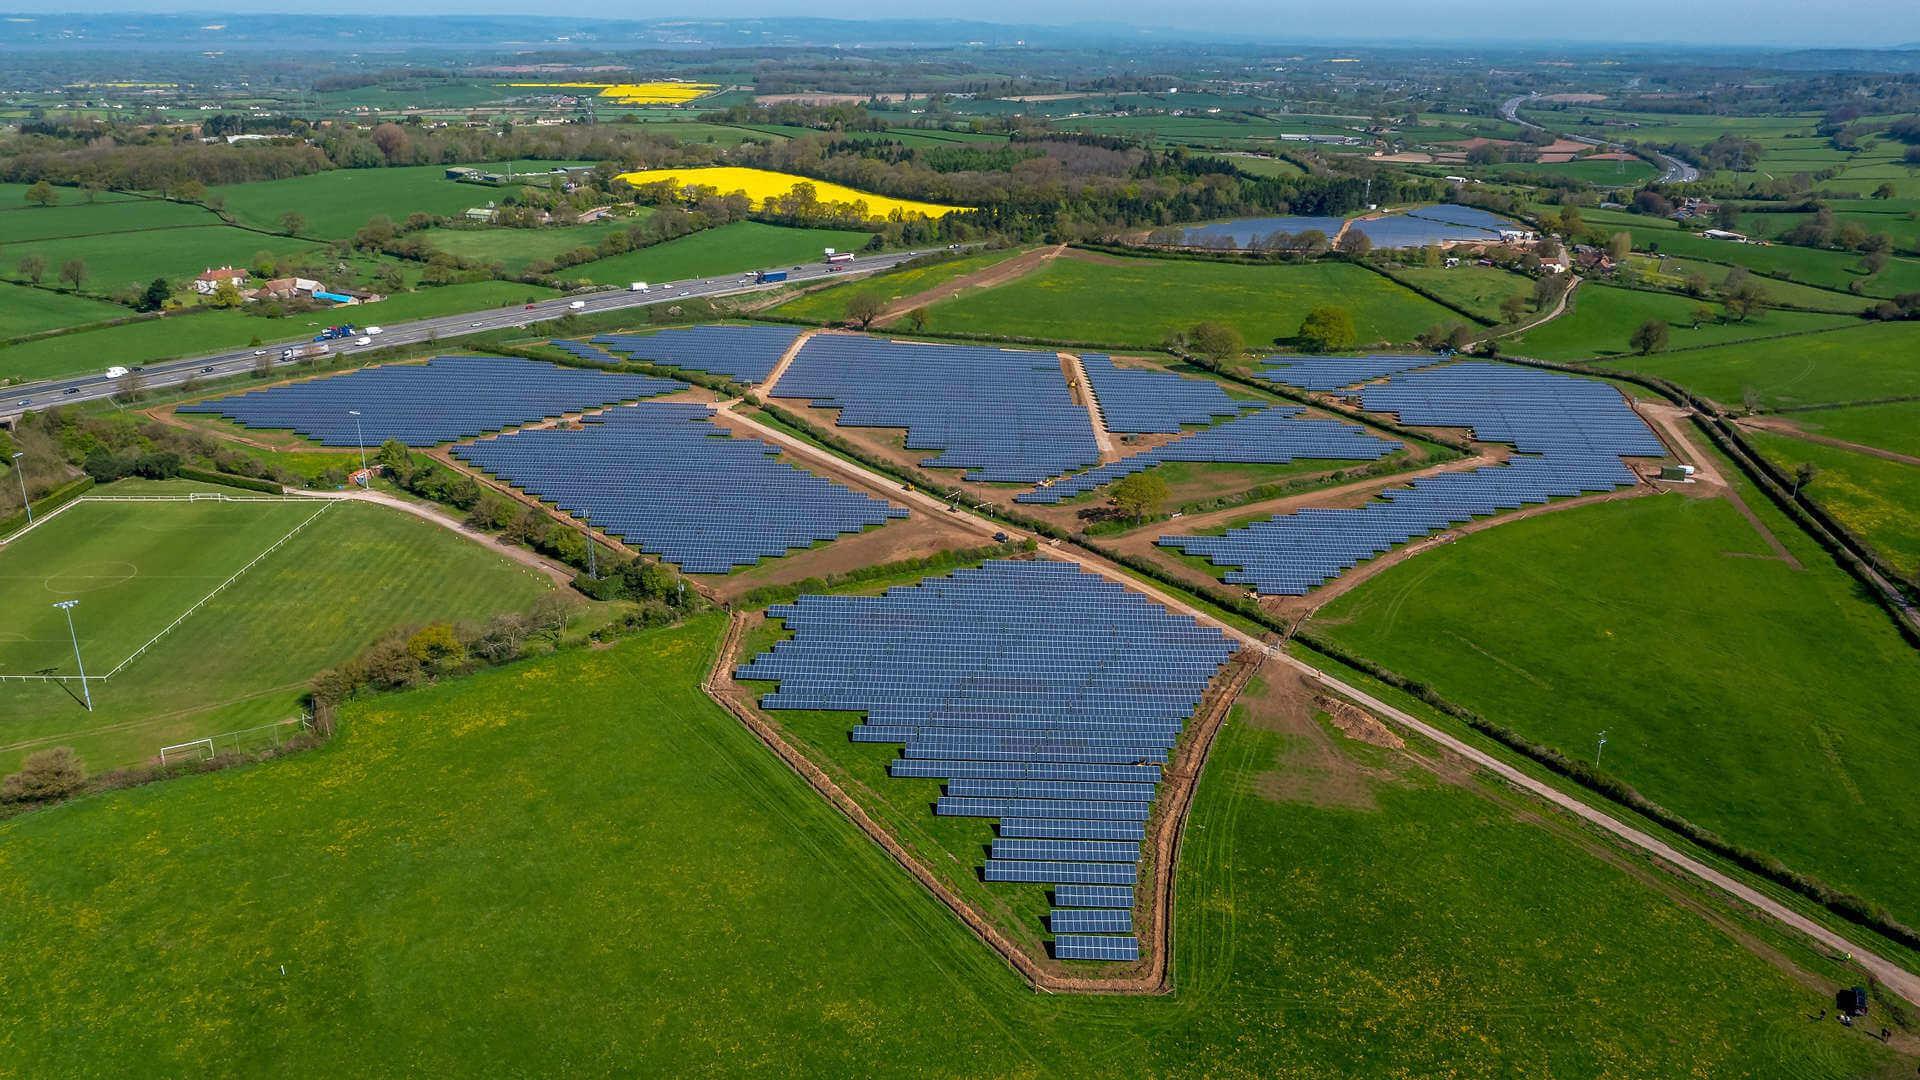 Magyarországi napenergia, avagy a magyarországi naperőművek